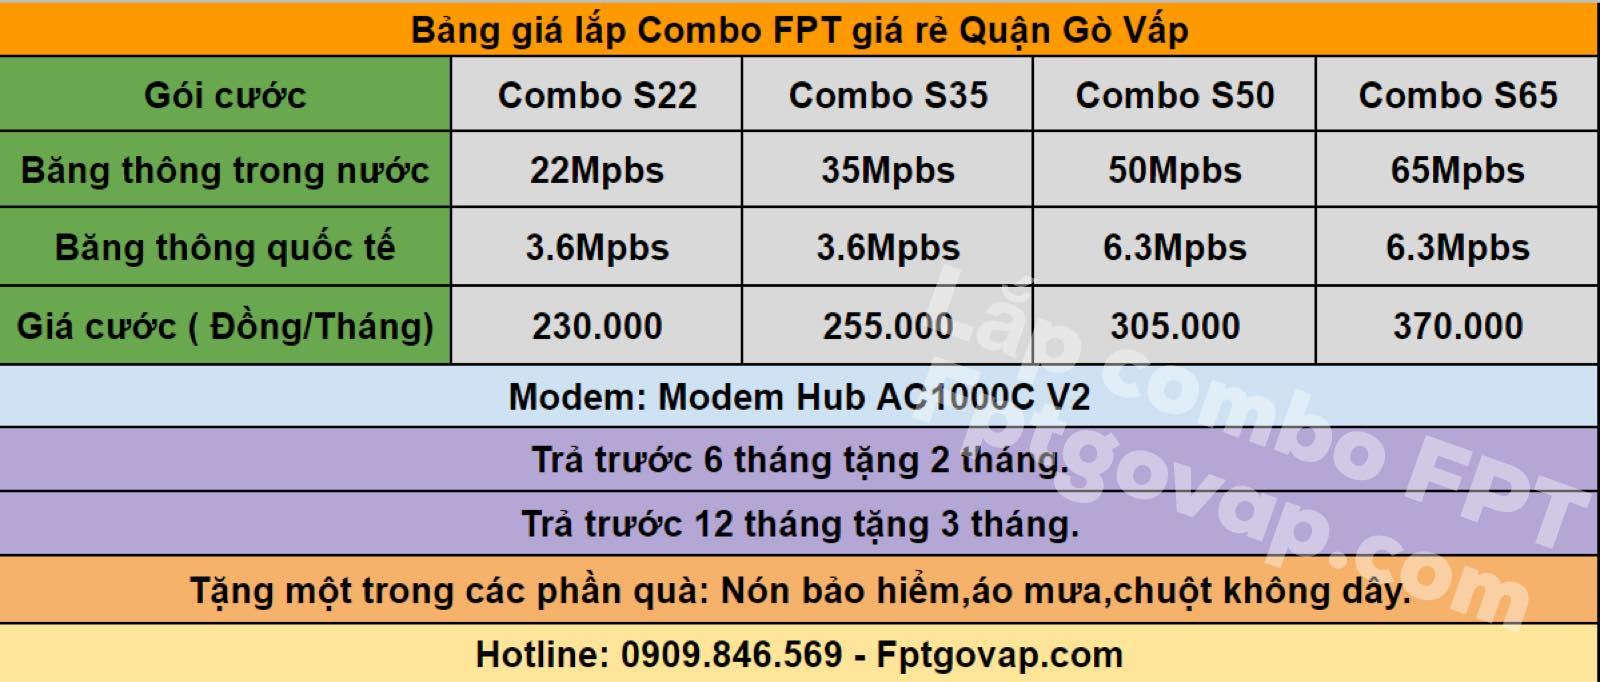 Bảng giá lắp truyền hình cáp FPT ở Quận Gò Vấp.